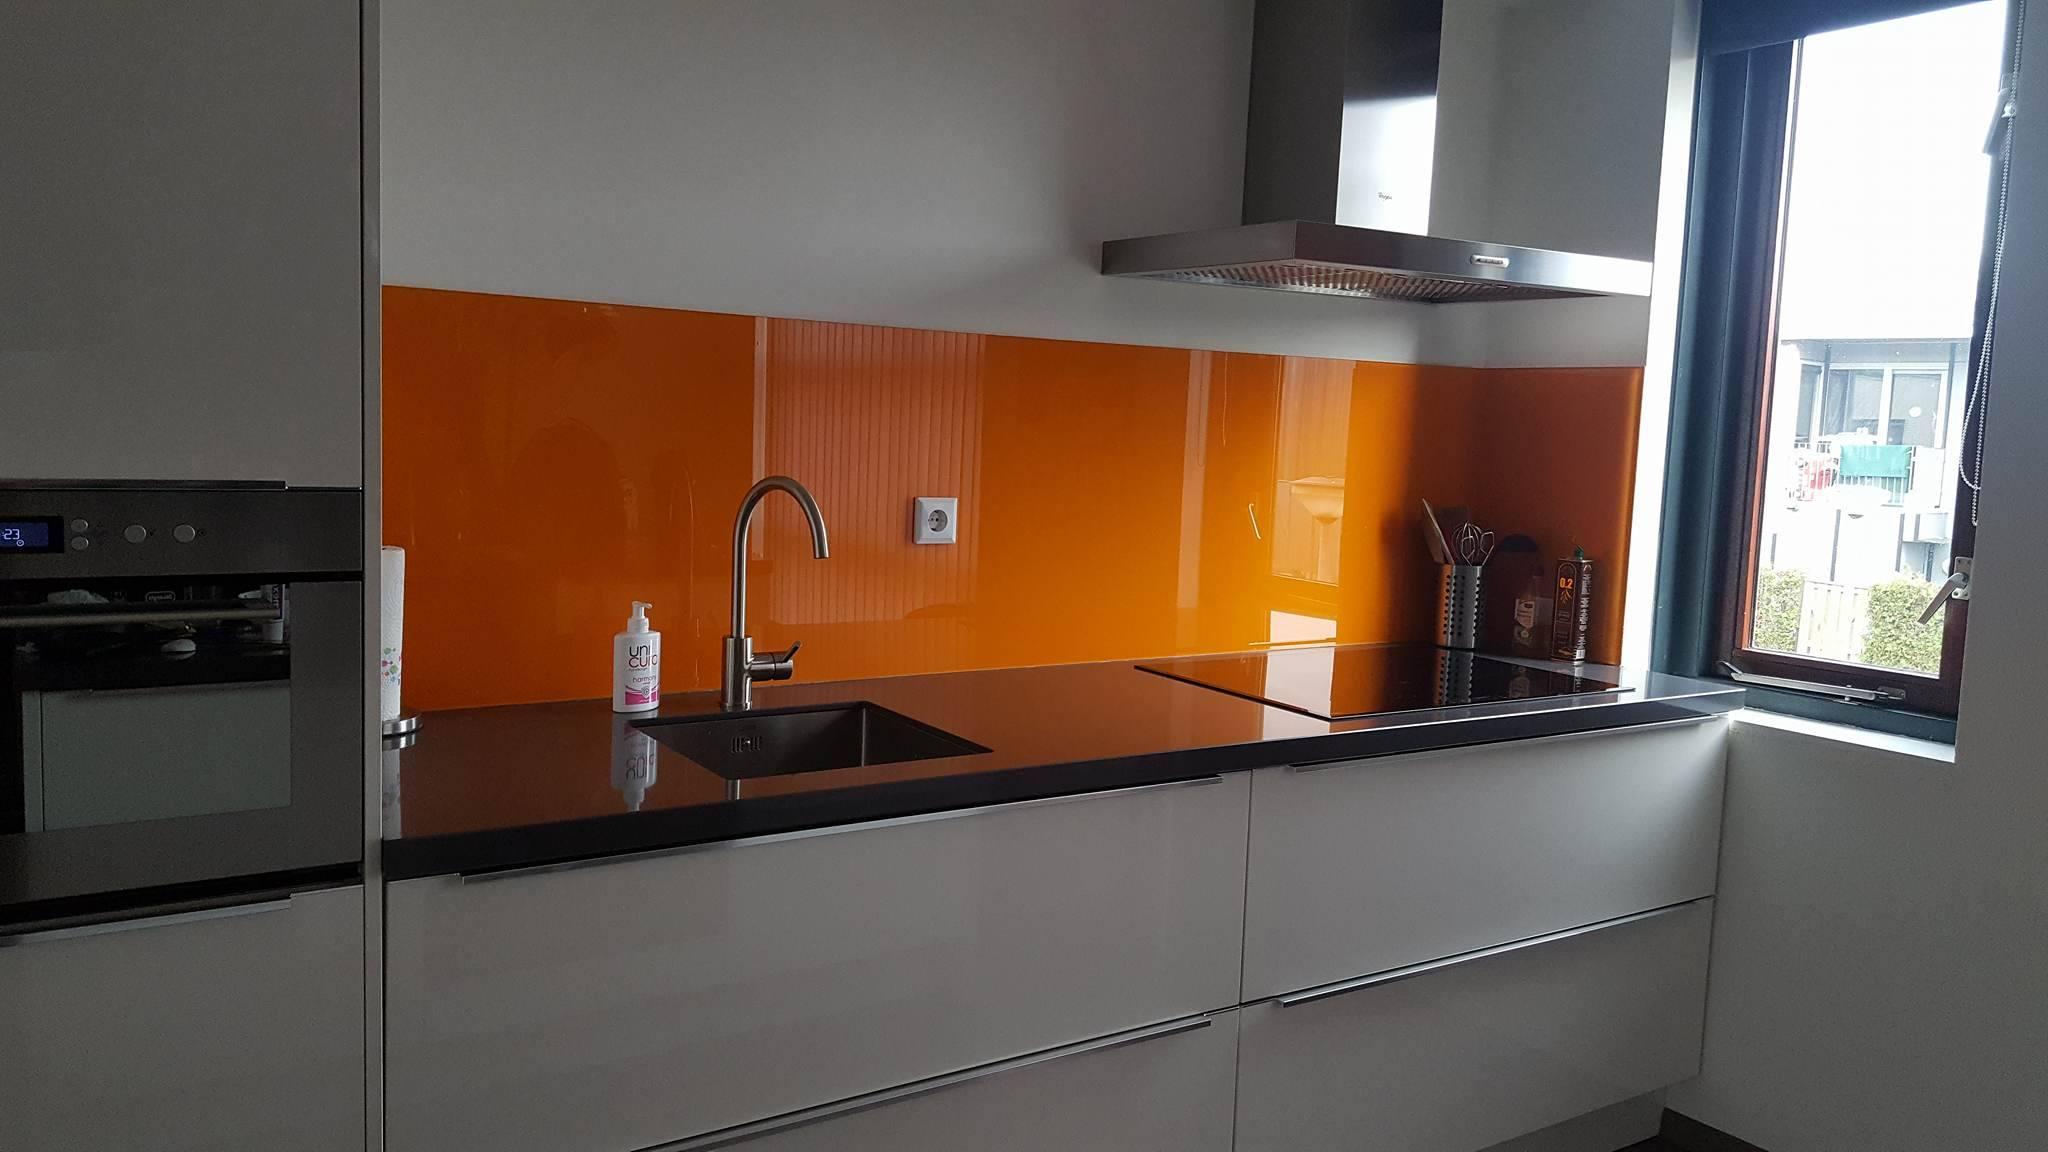 Keuken Glazen Achterwand : Glazen achterwand keuken ontdek de mogelijkheden glasbestellen.nl